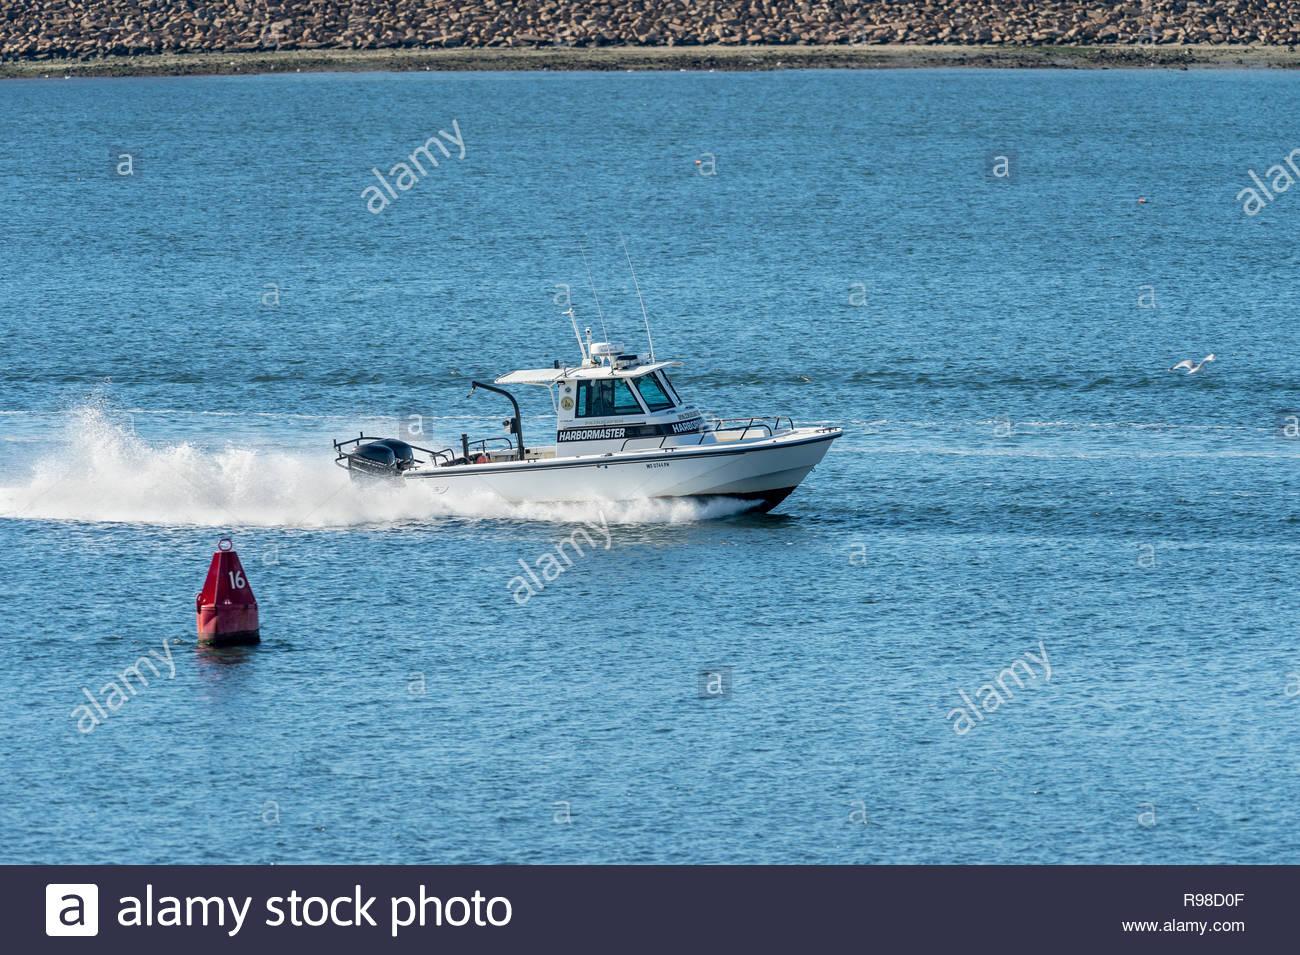 Fairhaven, Massachusetts, USA - November 4, 2018: Fairhaven Harbormaster's patrol boat returning from outer harbor - Stock Image